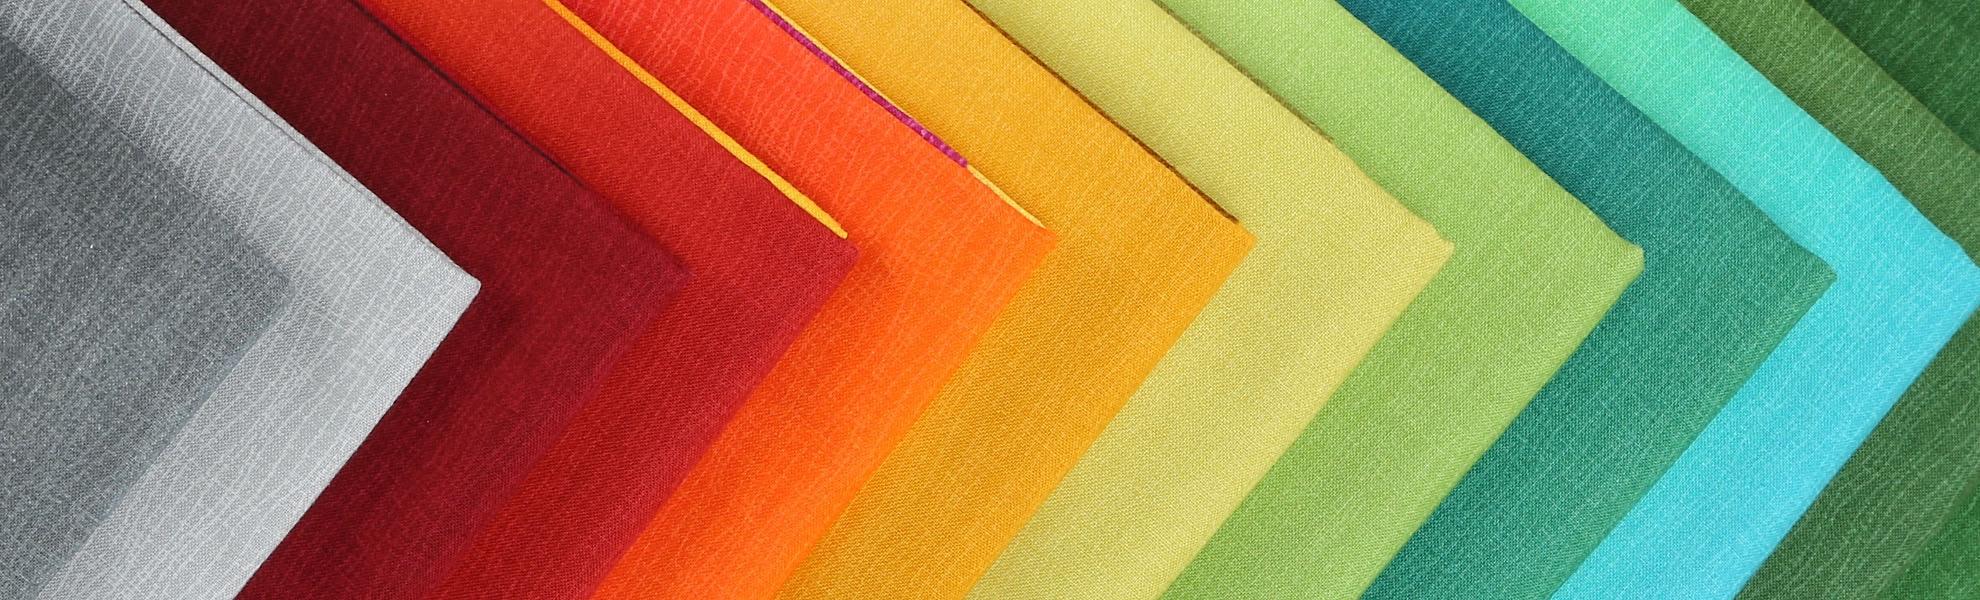 Gelato Ombre Half Yard Fabric Bundle